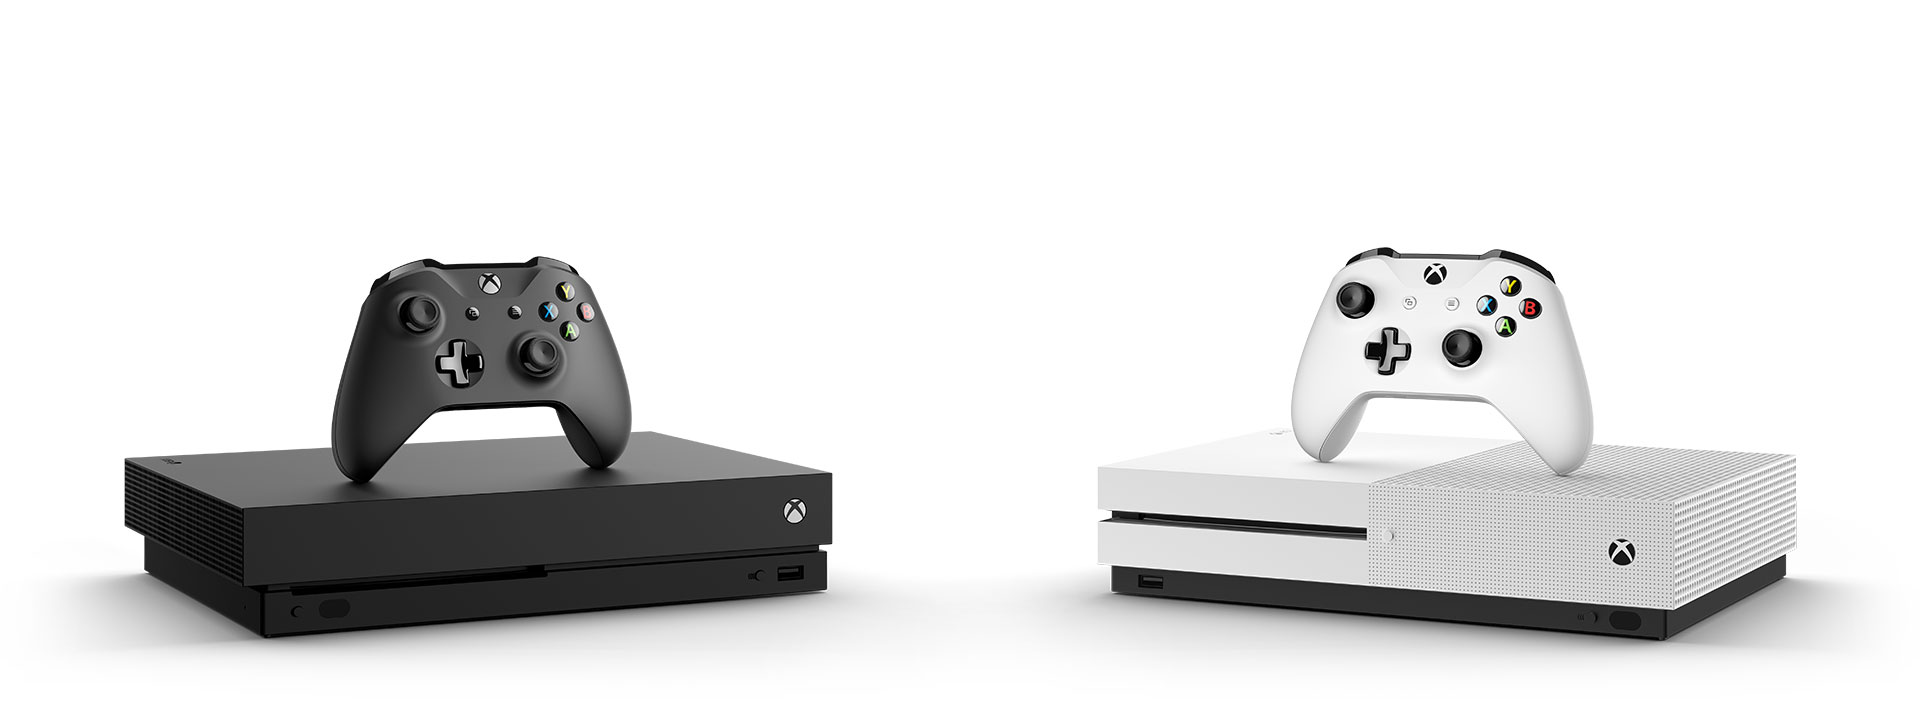 Fekete-fehér Xbox One-konzolok fekete-fehér kontrollereken a tetejükön